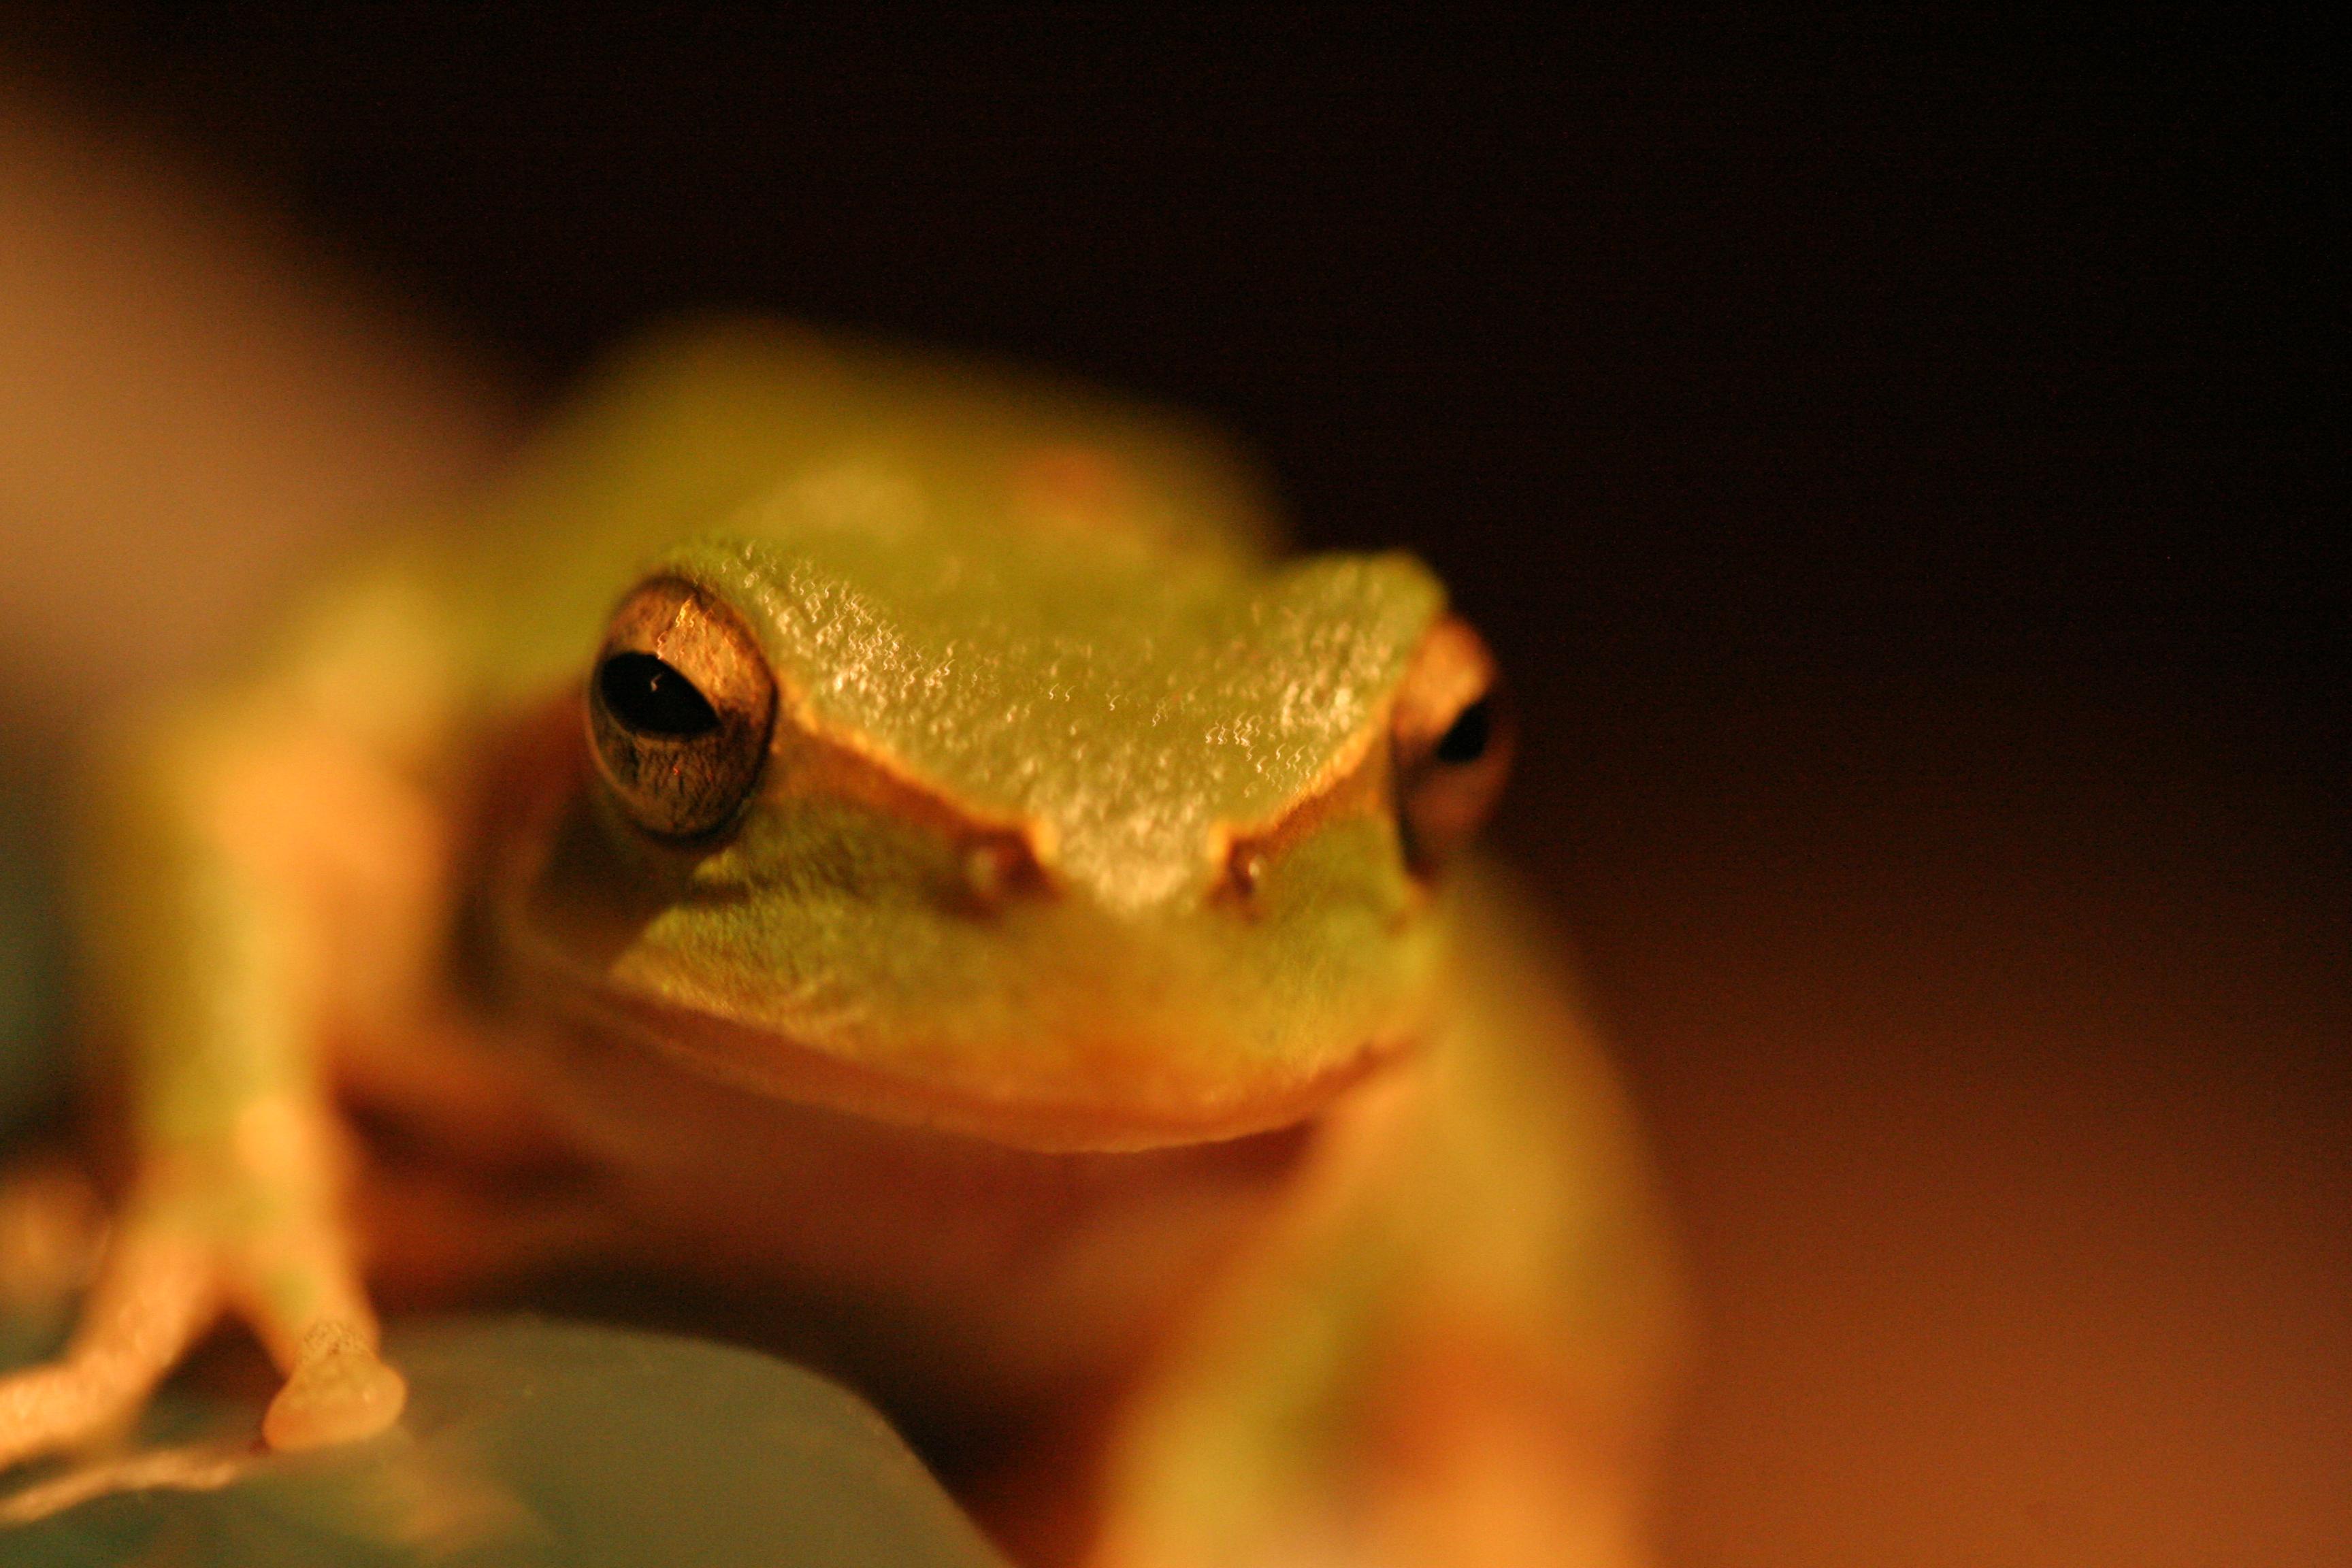 frenchfrog